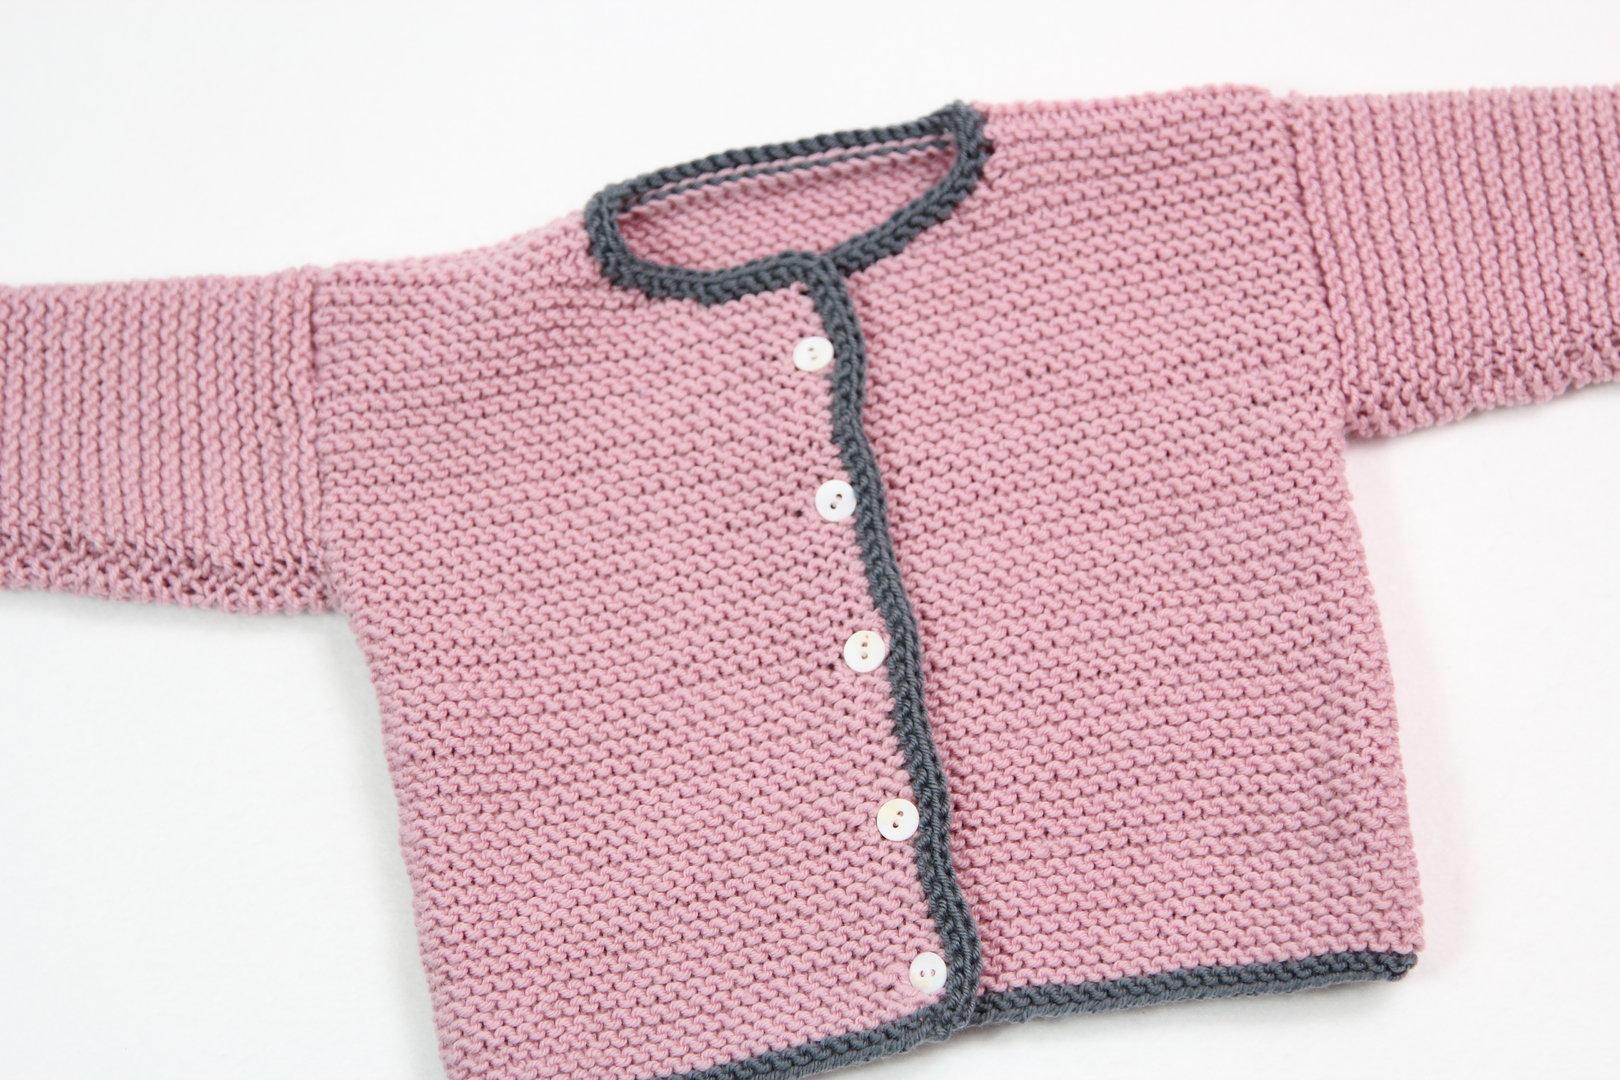 Jacke Häkeln Größe 98 Jacke Stricken Sommerjacke Als Quadrat Hkeln T